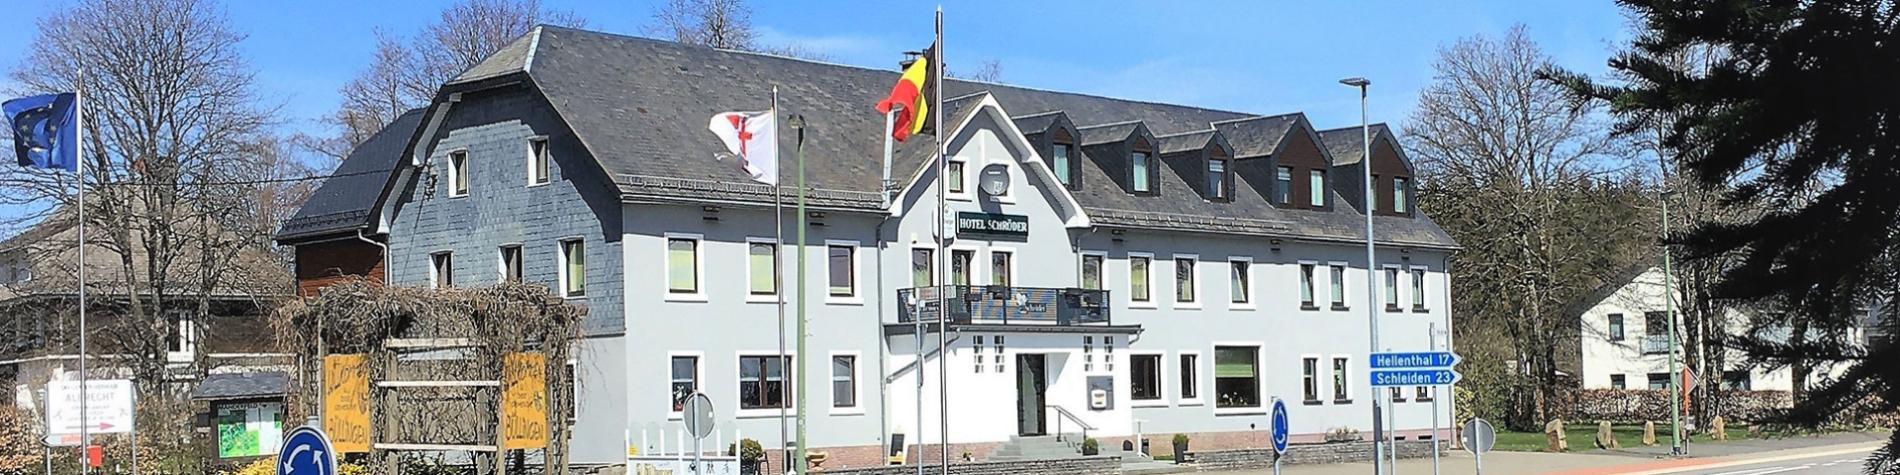 Hotel - Schröder - Bullange